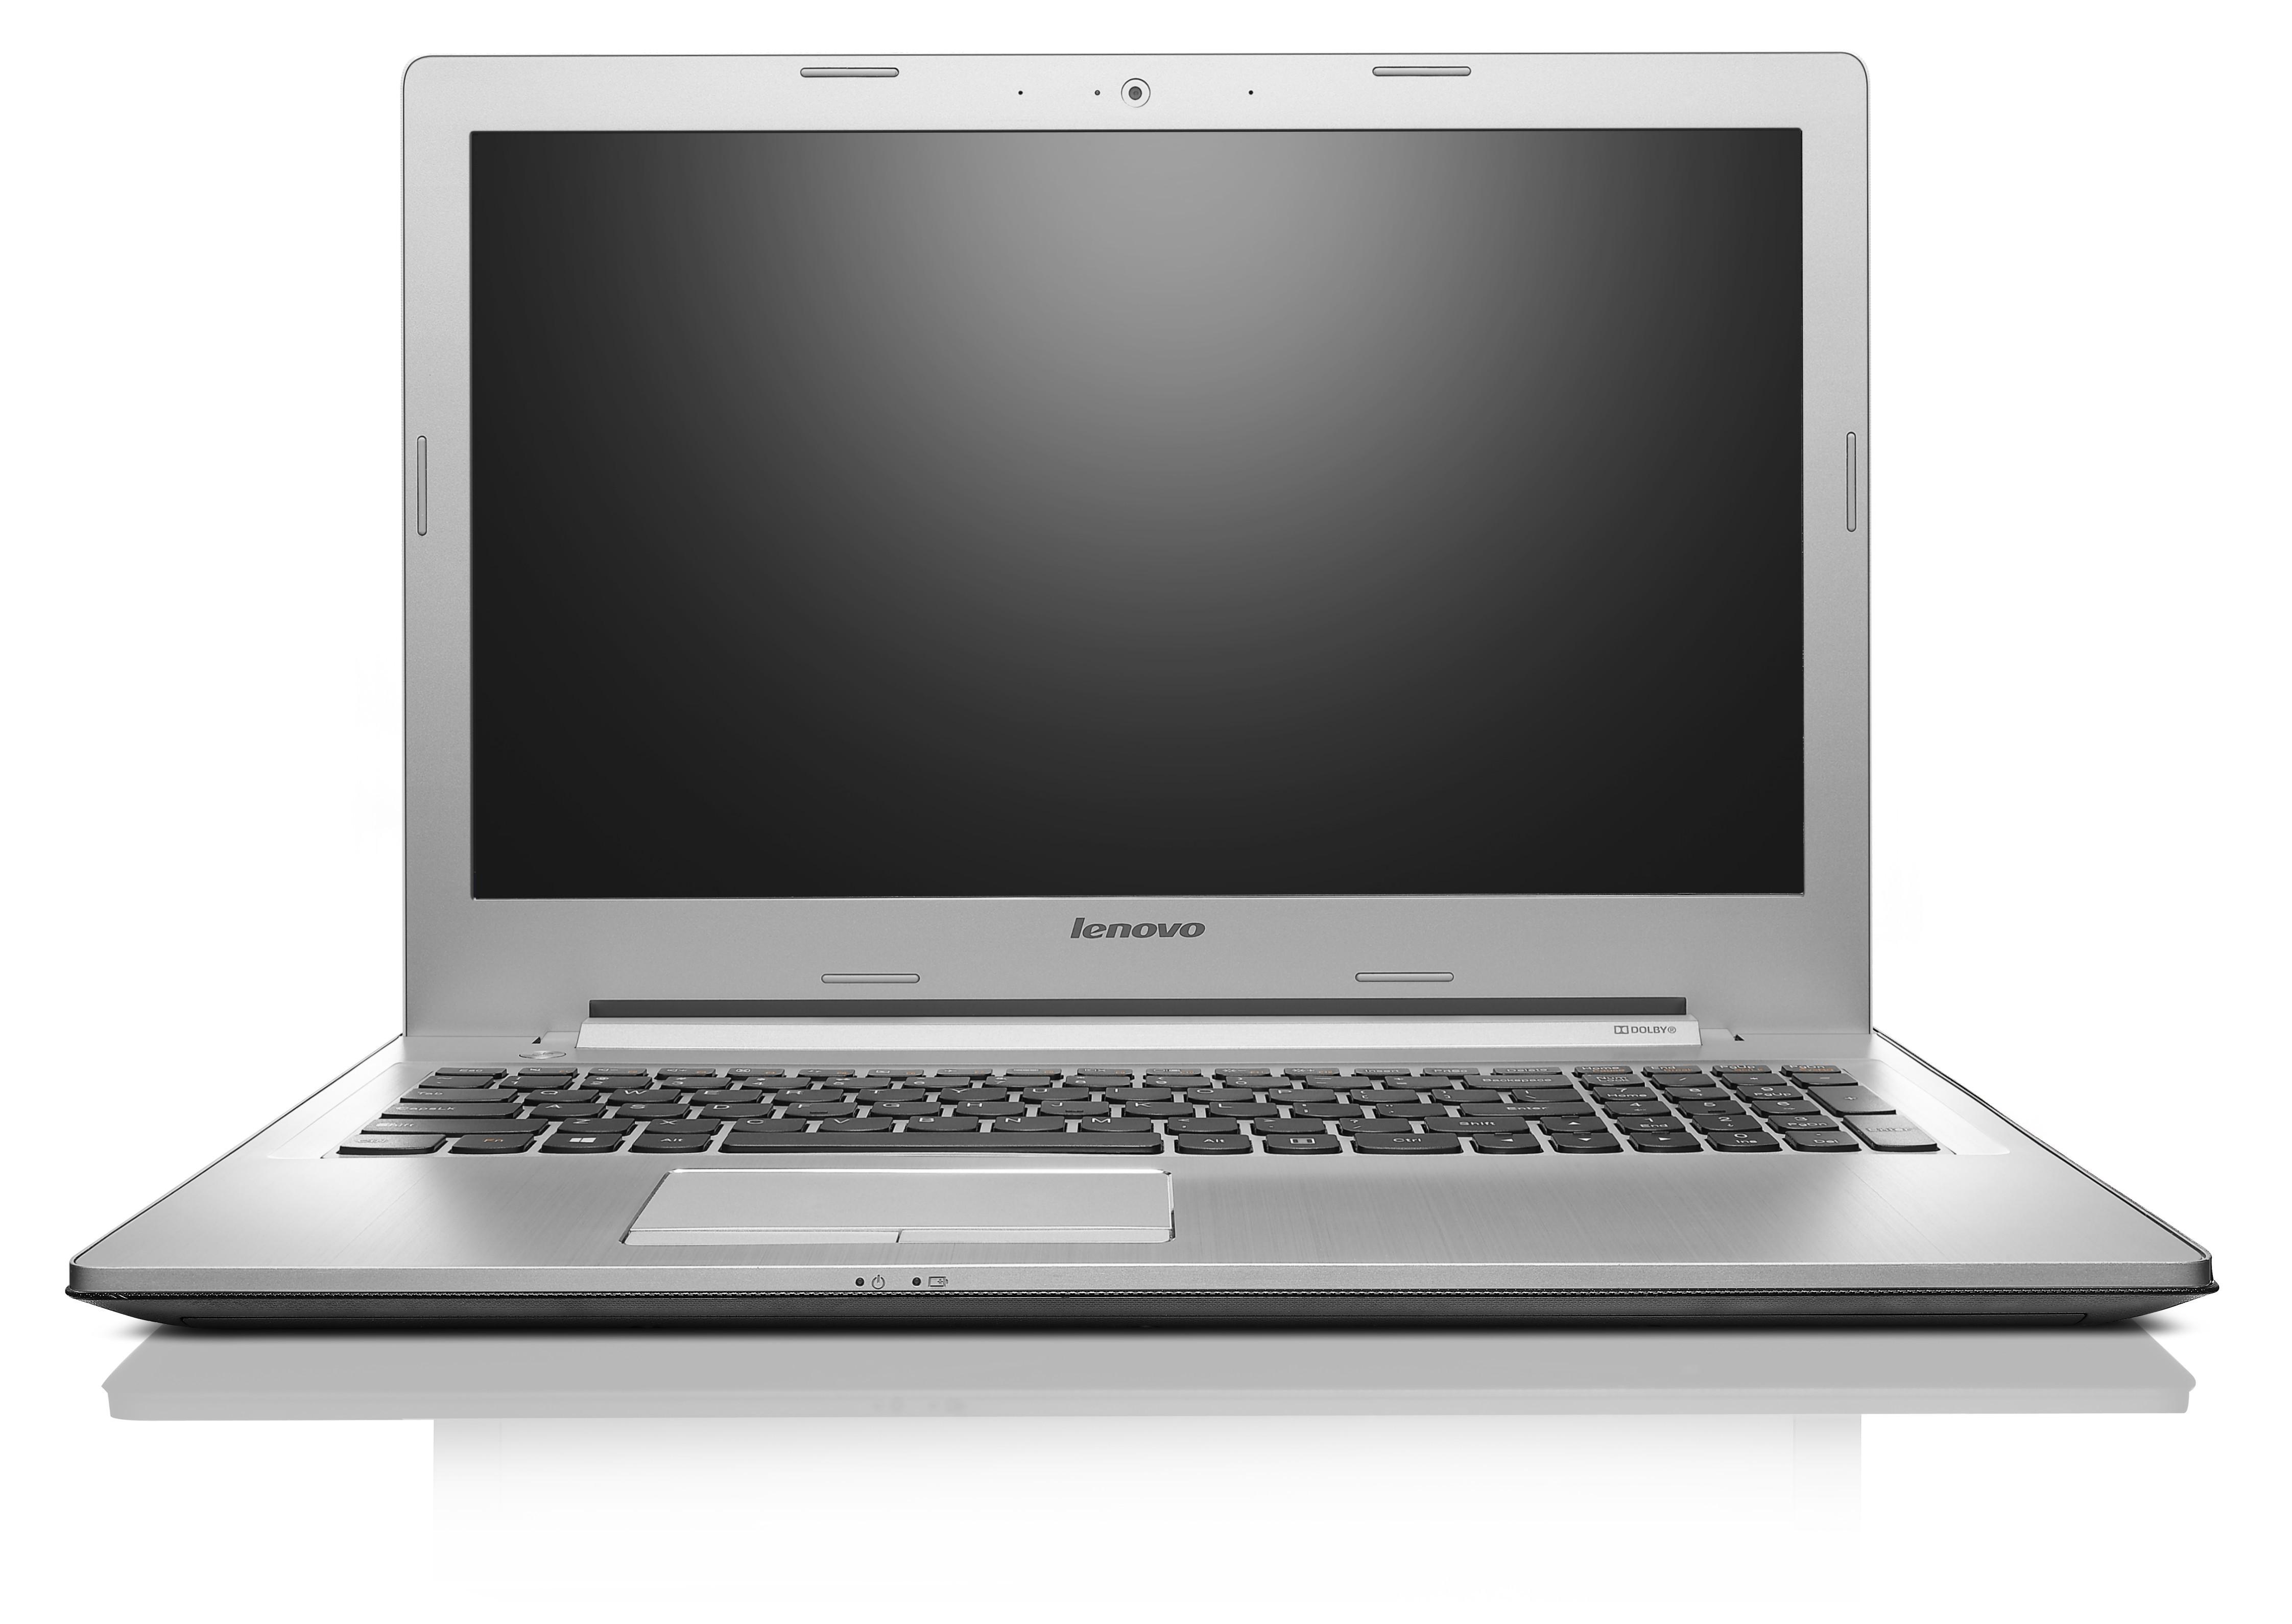 Lenovo IdeaPad Z50 70